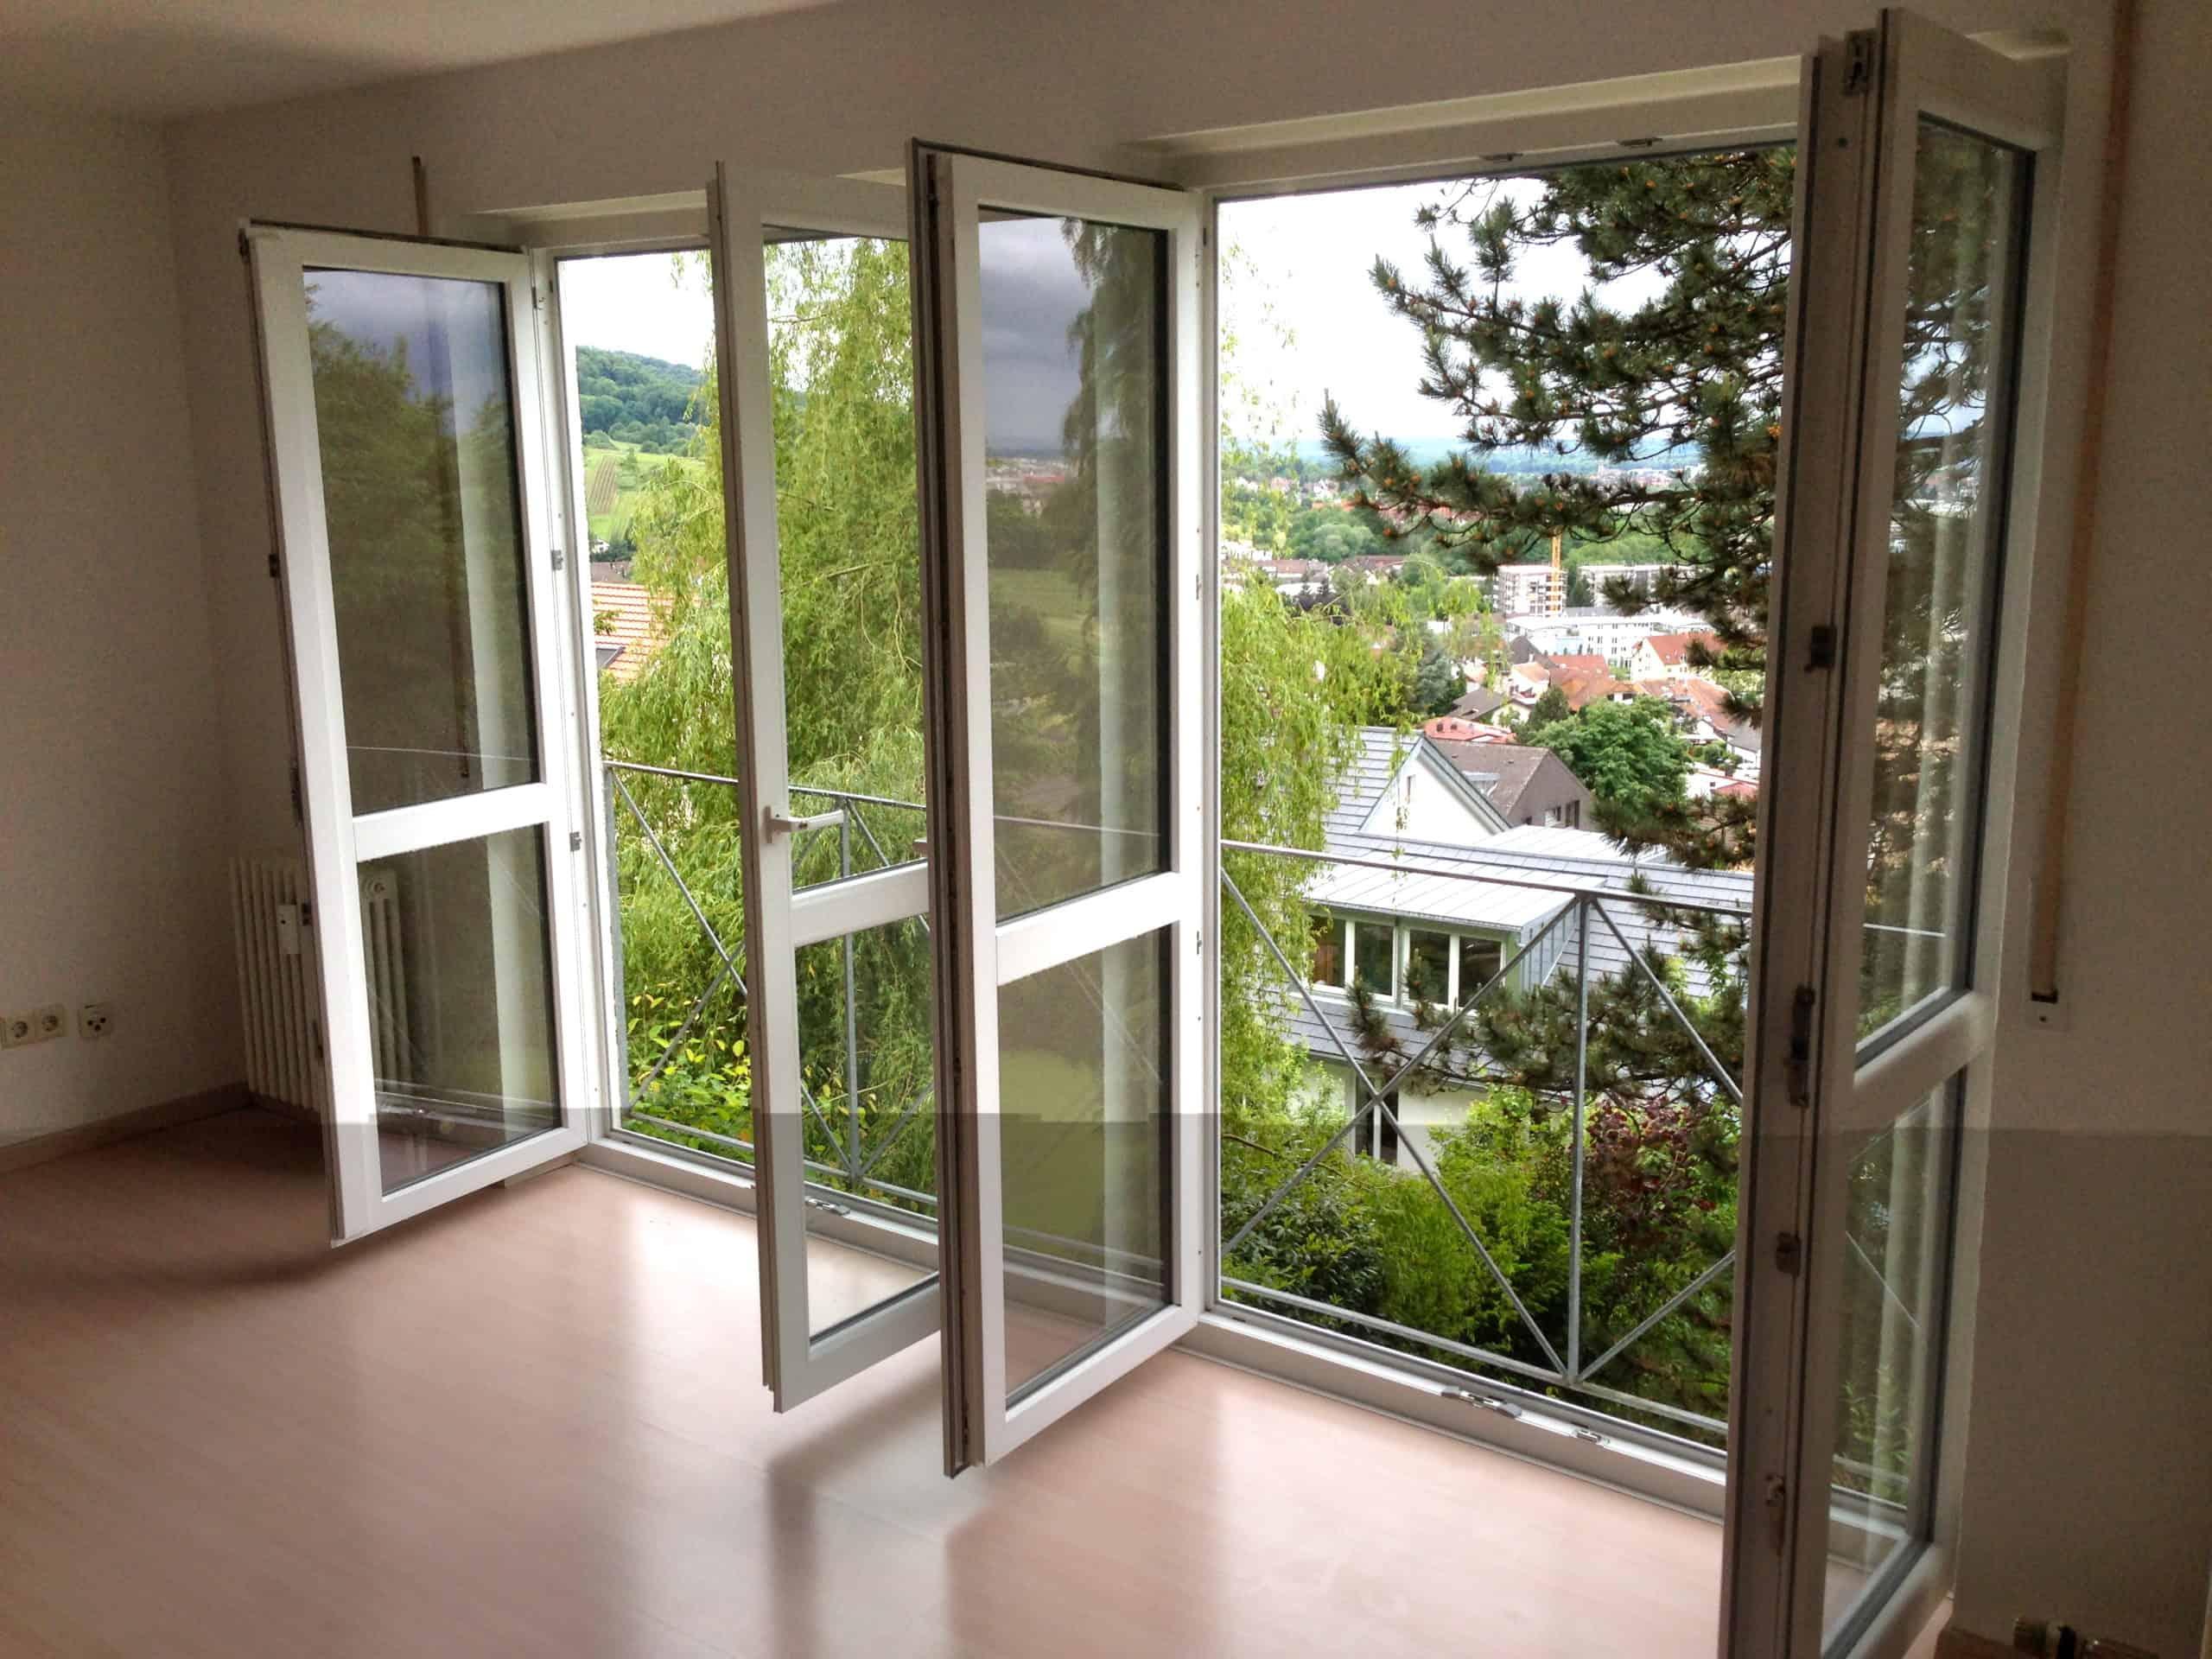 Traumhafte Wohnung mit Einbauküche und tollem Blick über Freiburg - Grundeigentum